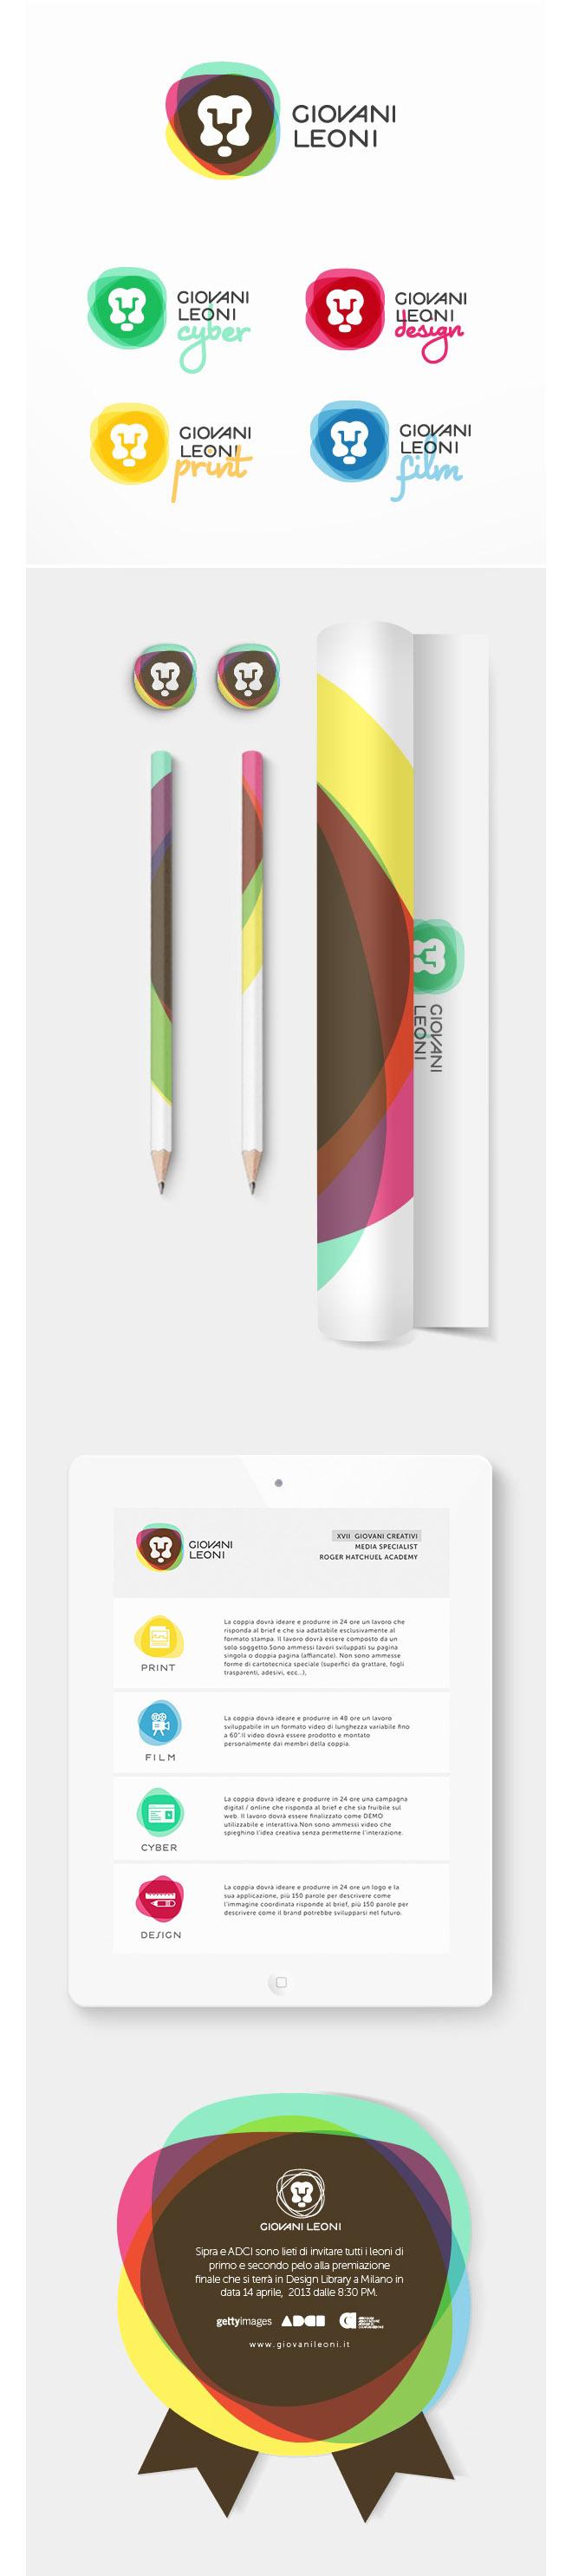 20-best-branding-design